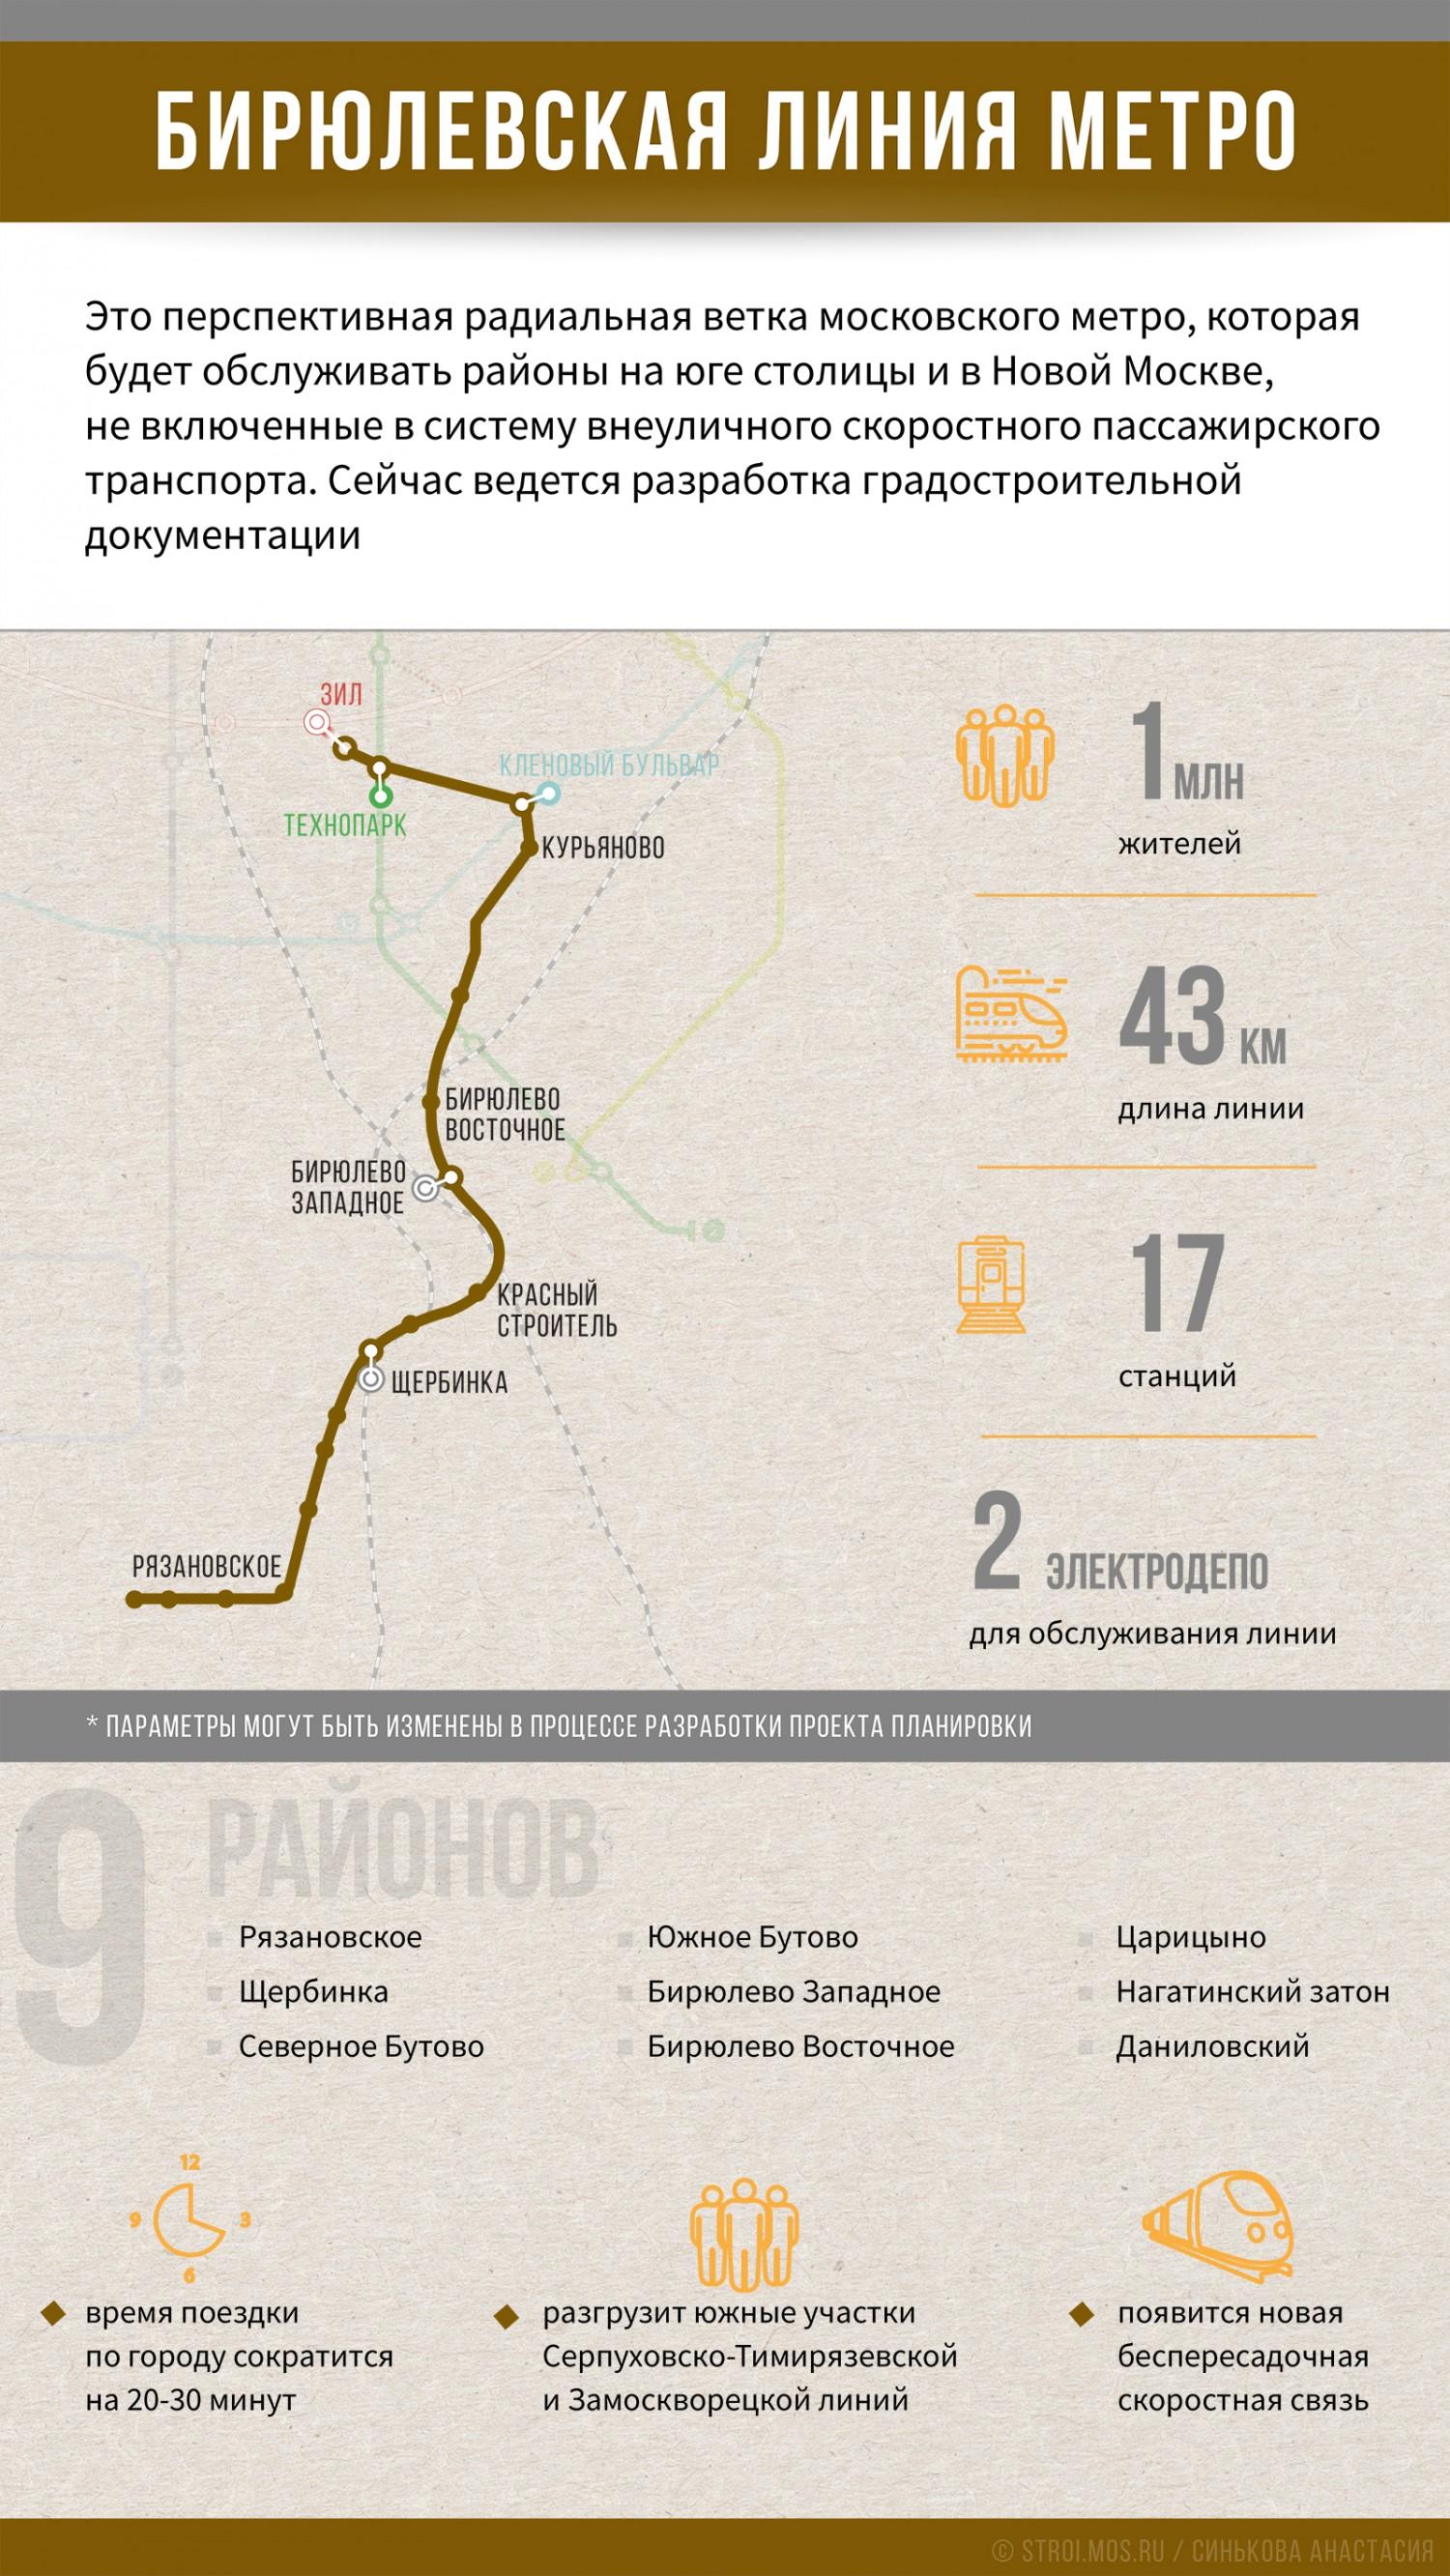 Утверждена предварительная трассировка первого участка Бирюлевской линии метро